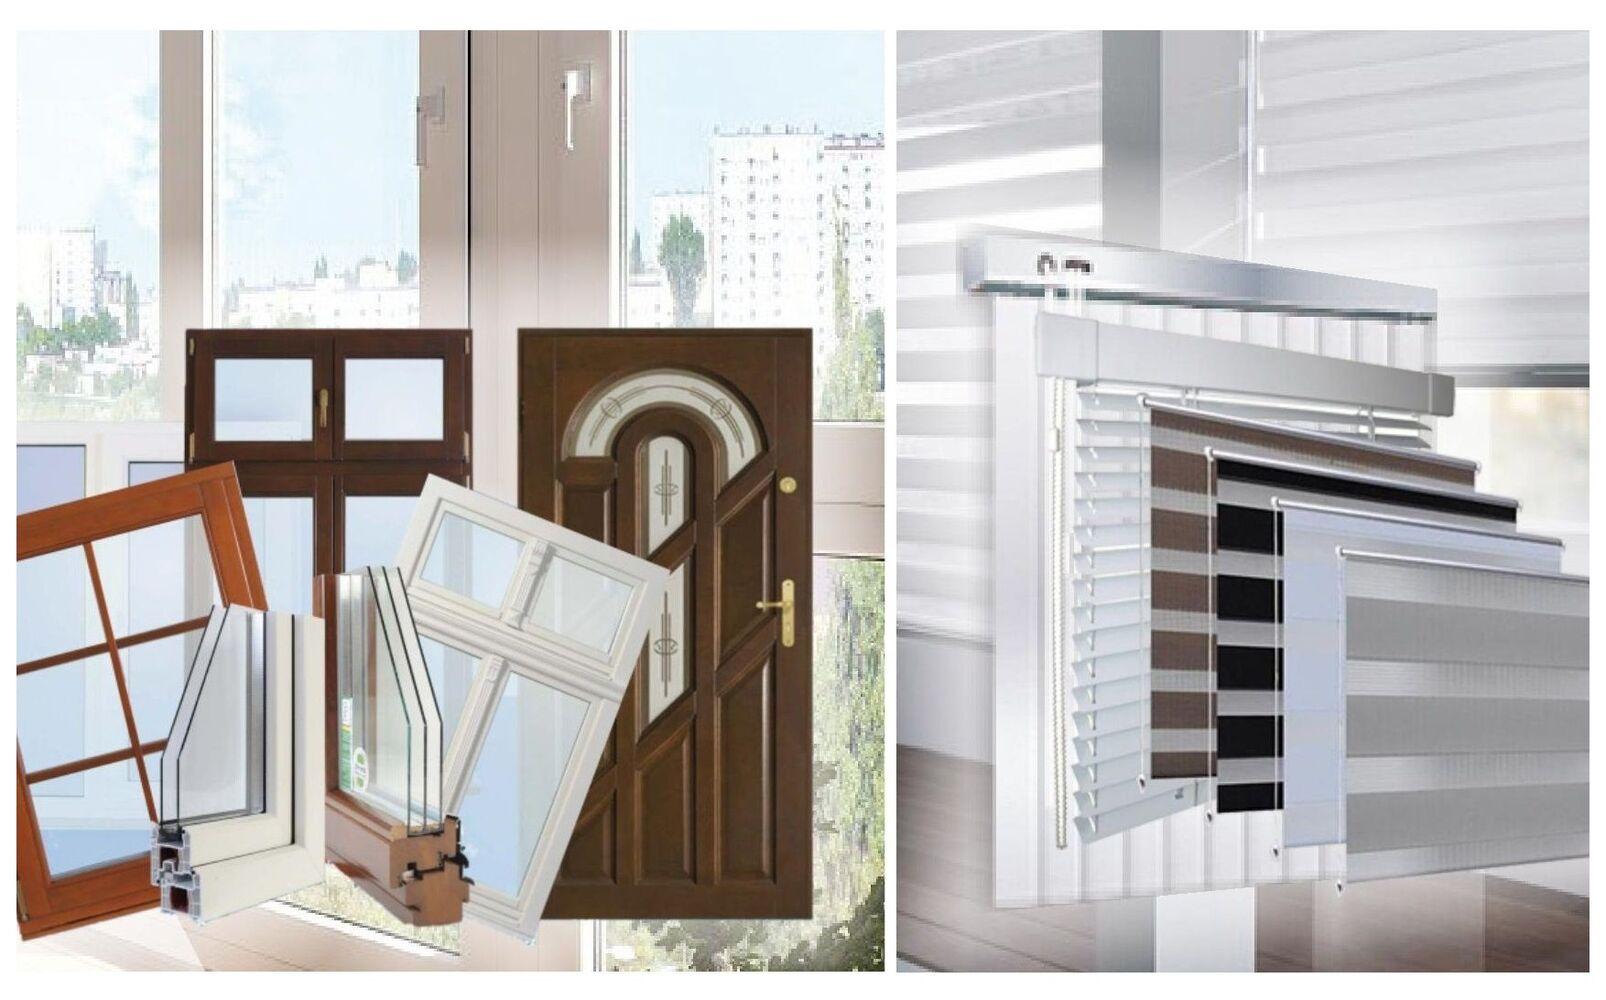 Фото оголошення Вікна двері жалюзі ролети москітні сітки